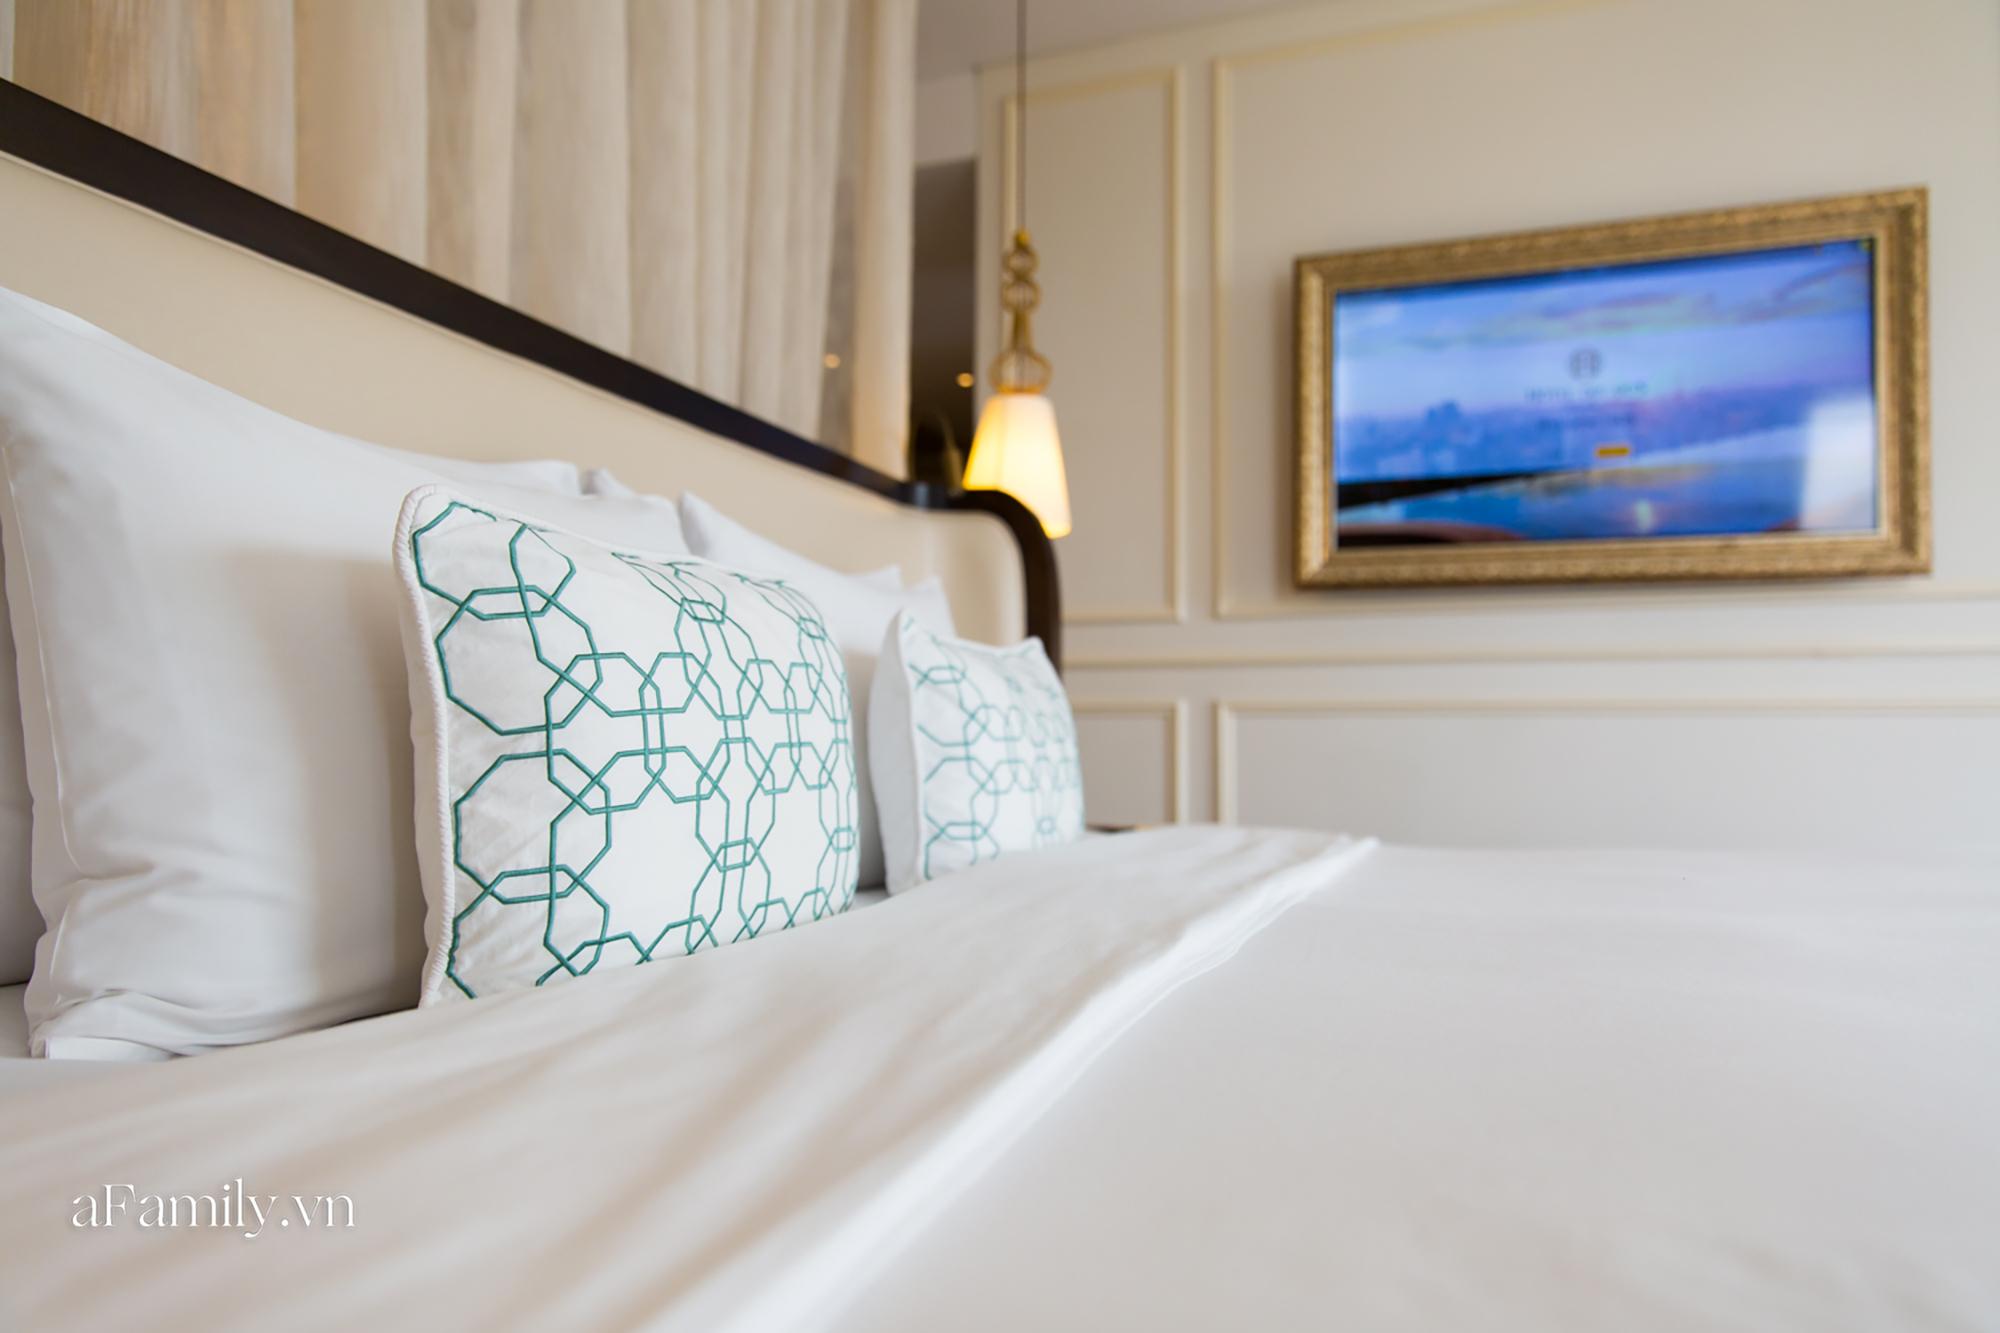 Vì sao giường khách sạn thường hào phóng bày tận 4 chiếc gối mà vẫn thiếu loại gối ôm dài, đây là câu trả lời - Ảnh 1.